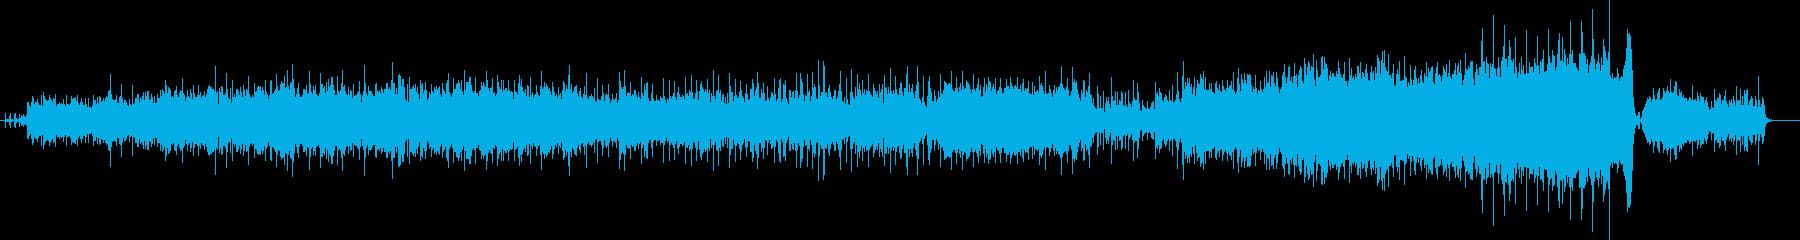 ベートーベン「悲愴」チルアウト風アレンジの再生済みの波形